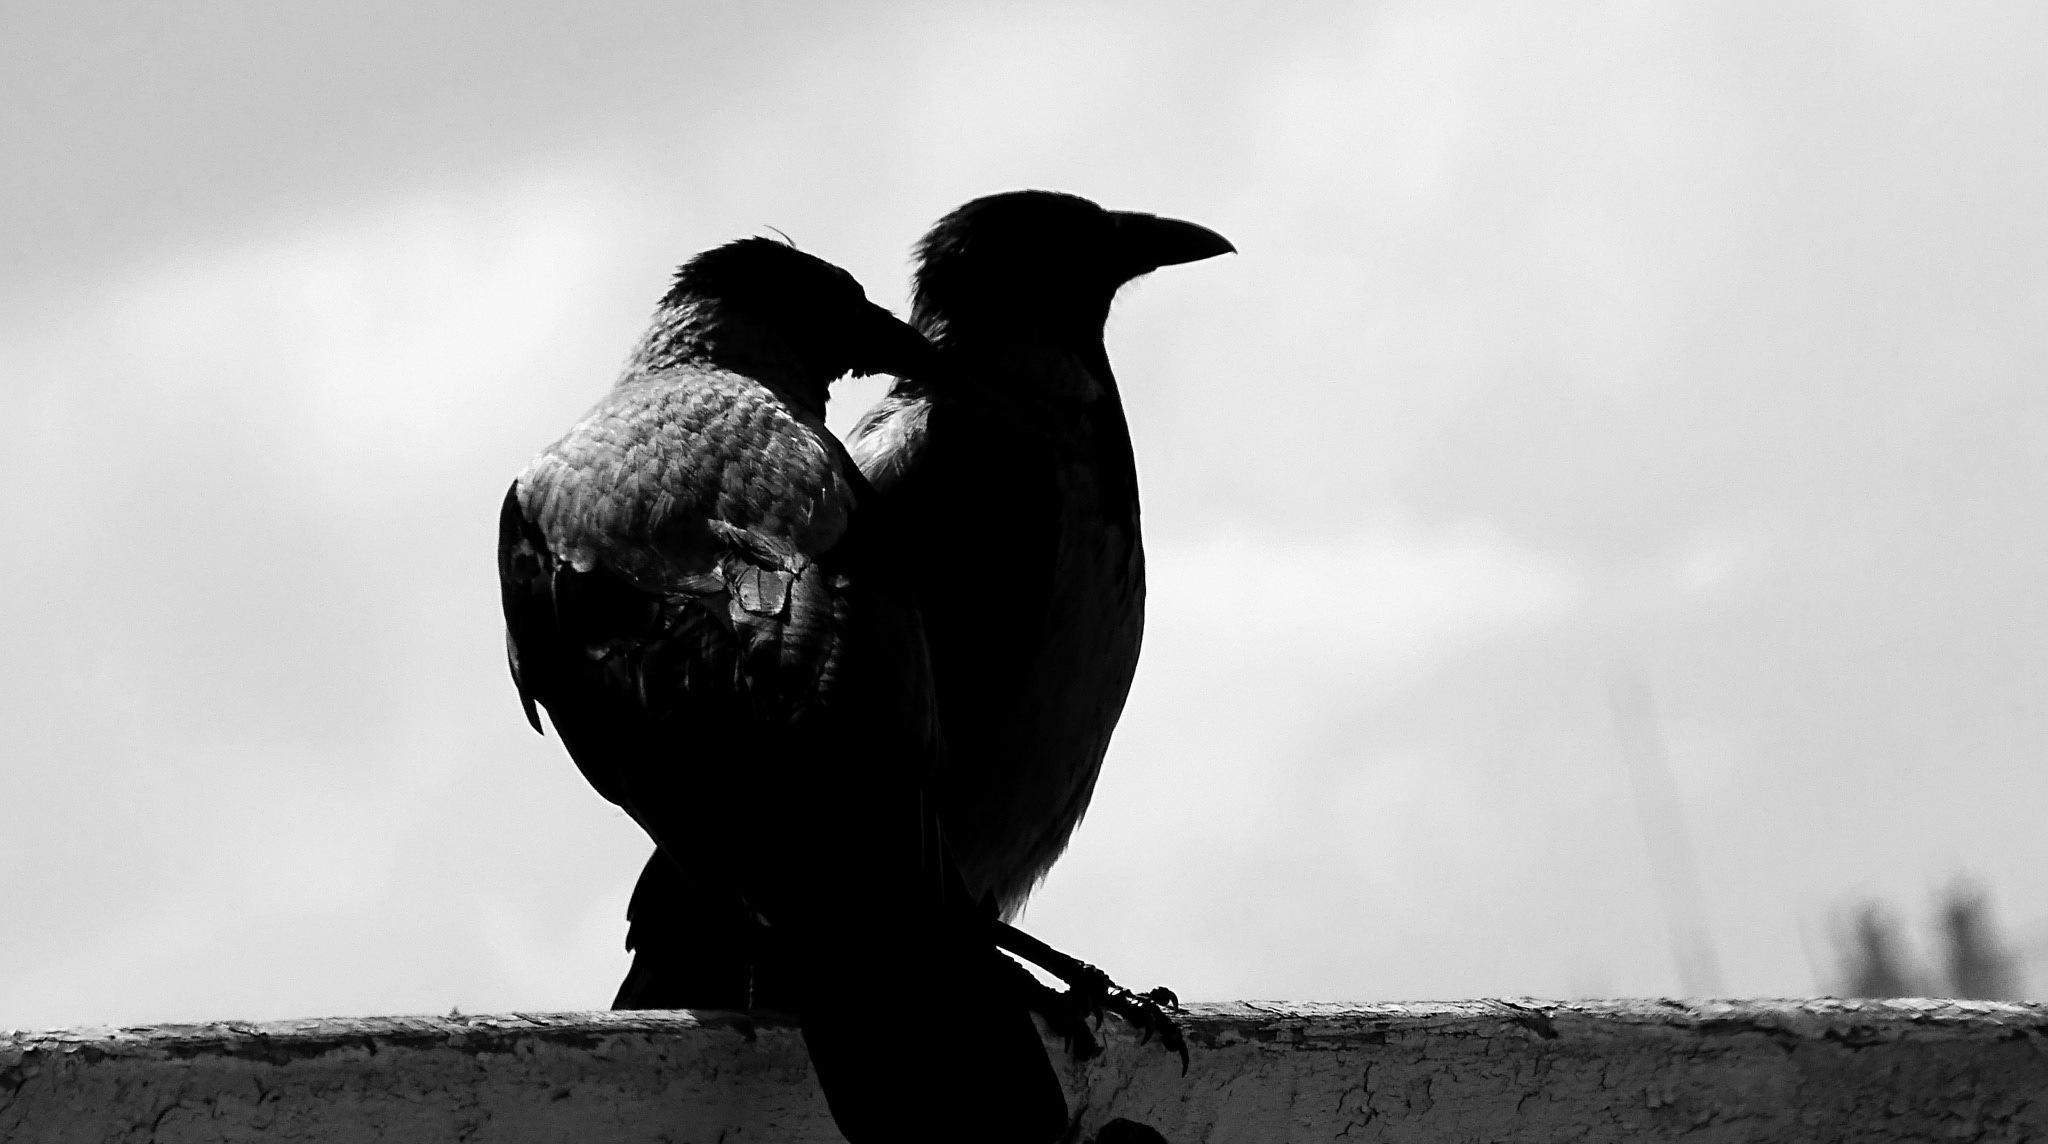 hooded crows by EL Greco